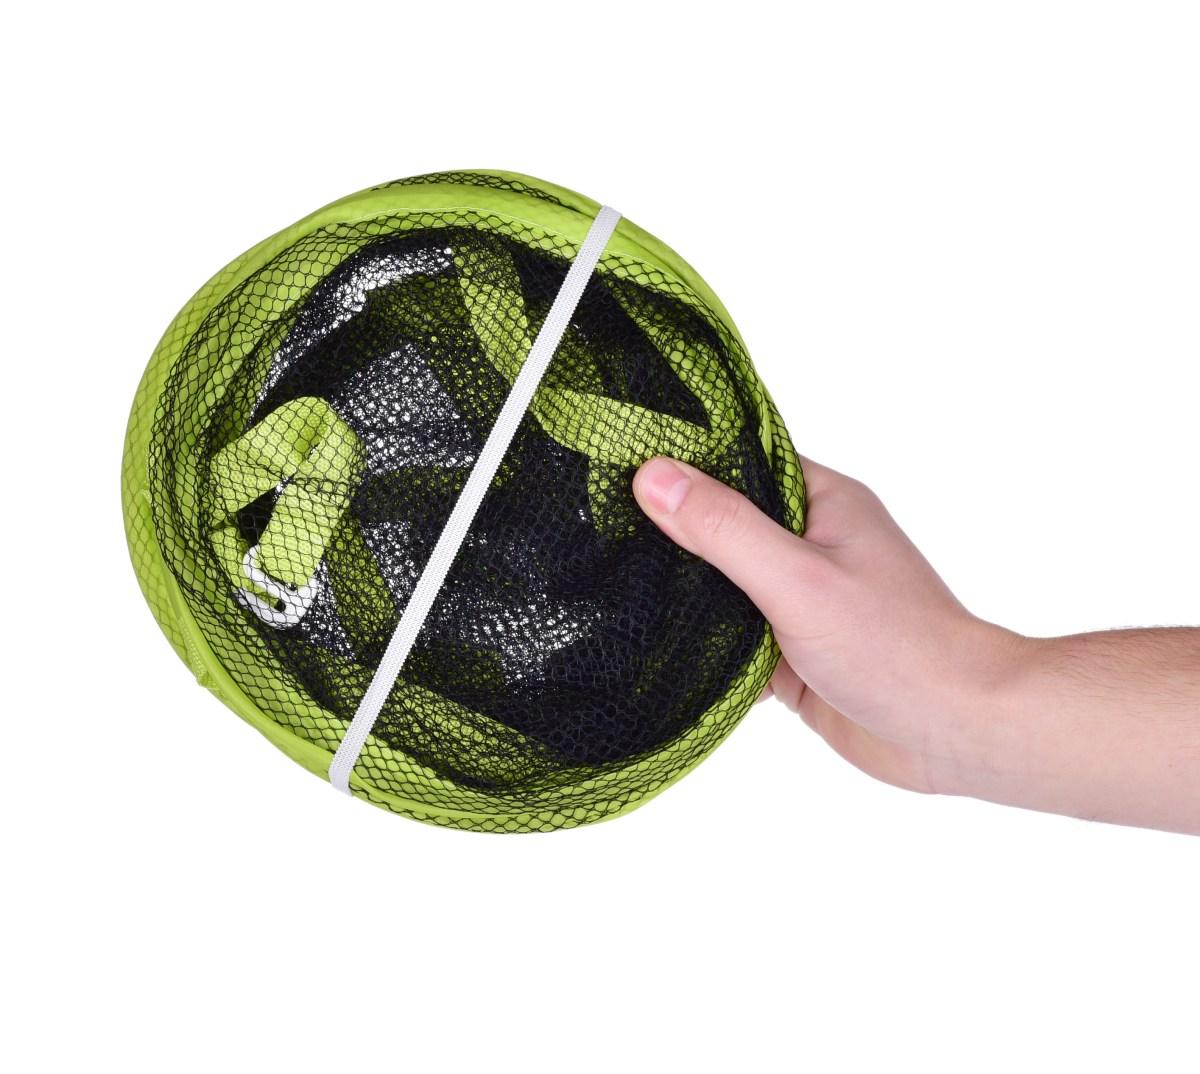 XL skládací dvoupatrový sušák na prádlo, houby, ovoce i bylinky